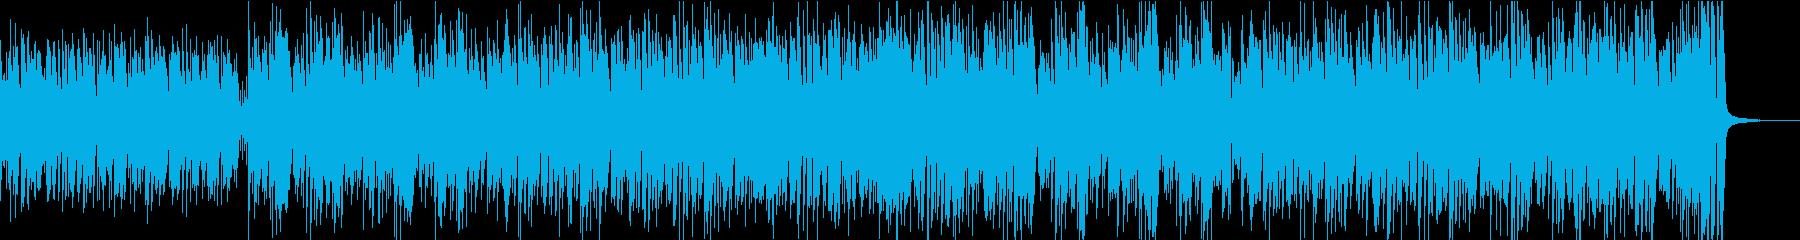 爽やかで軽快なボサノバの再生済みの波形